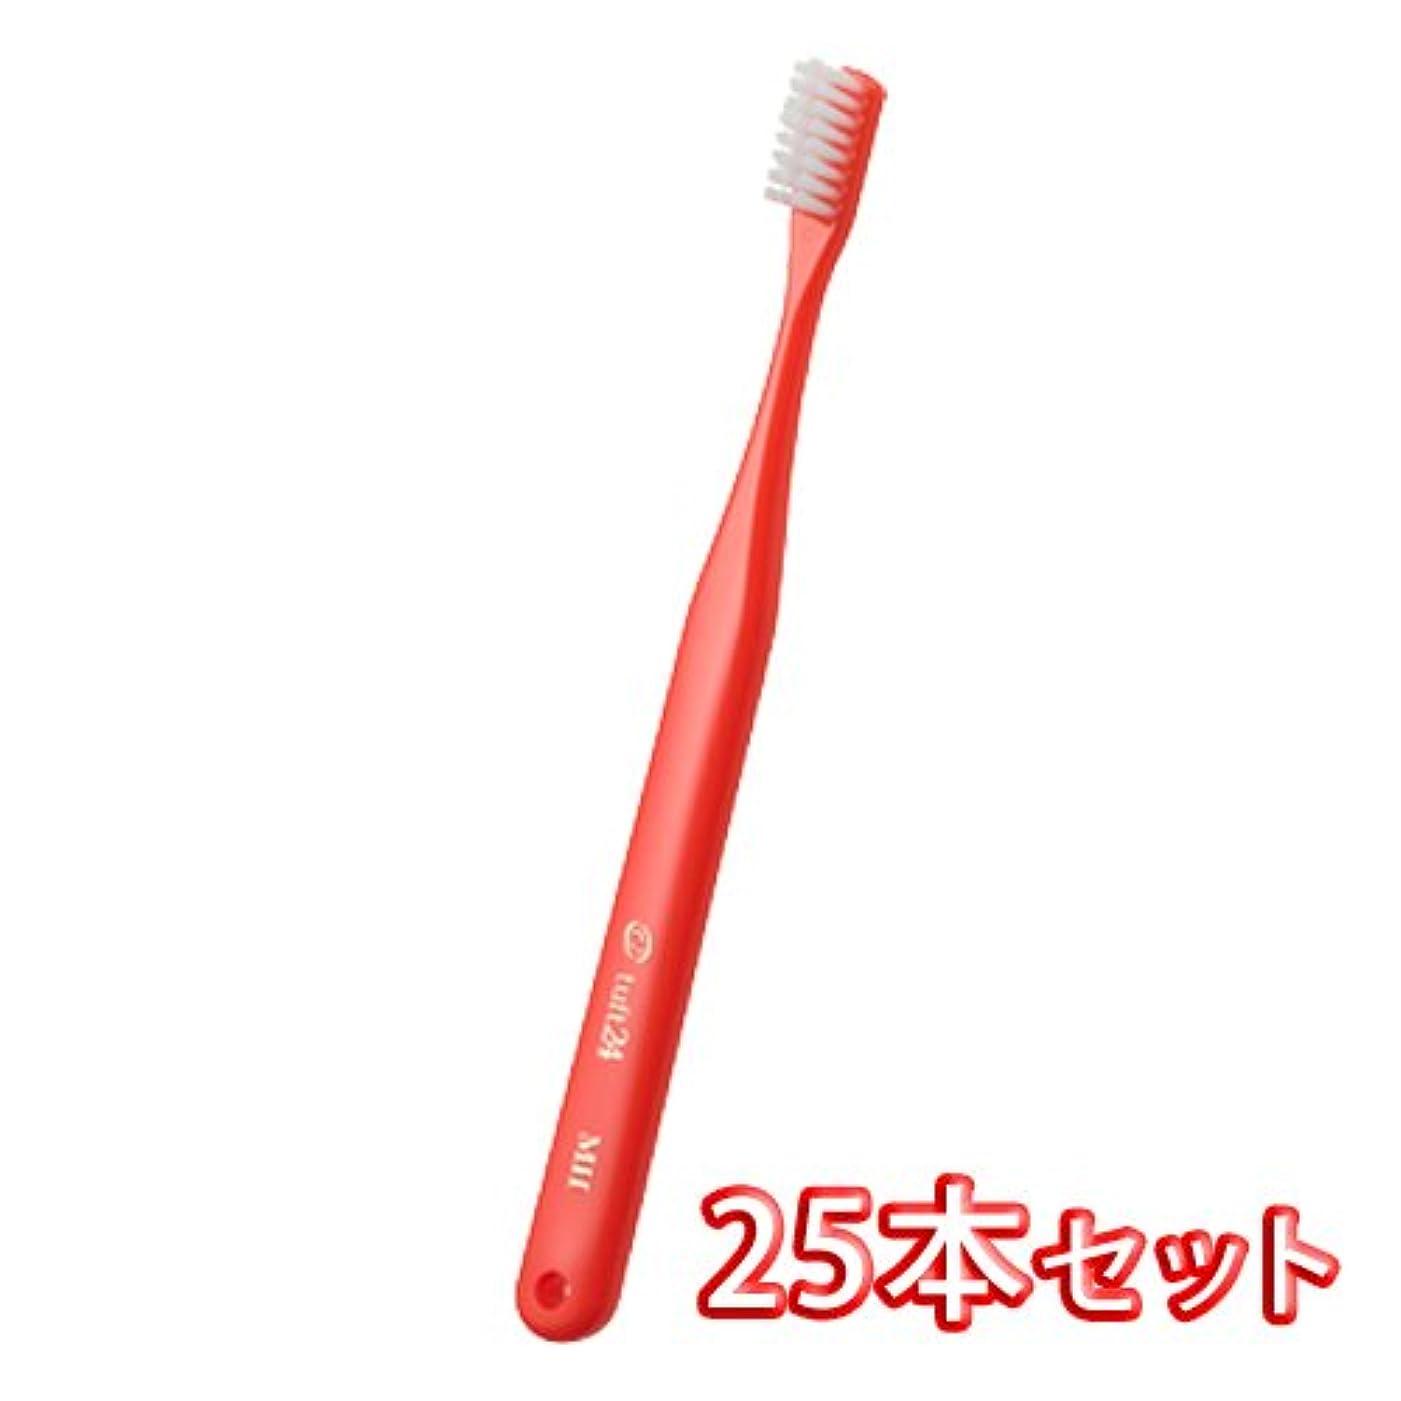 ジョージエリオットマナーラグオーラルケア キャップ付き タフト 24 歯ブラシ 25本入 ミディアムソフト MS (レッド)